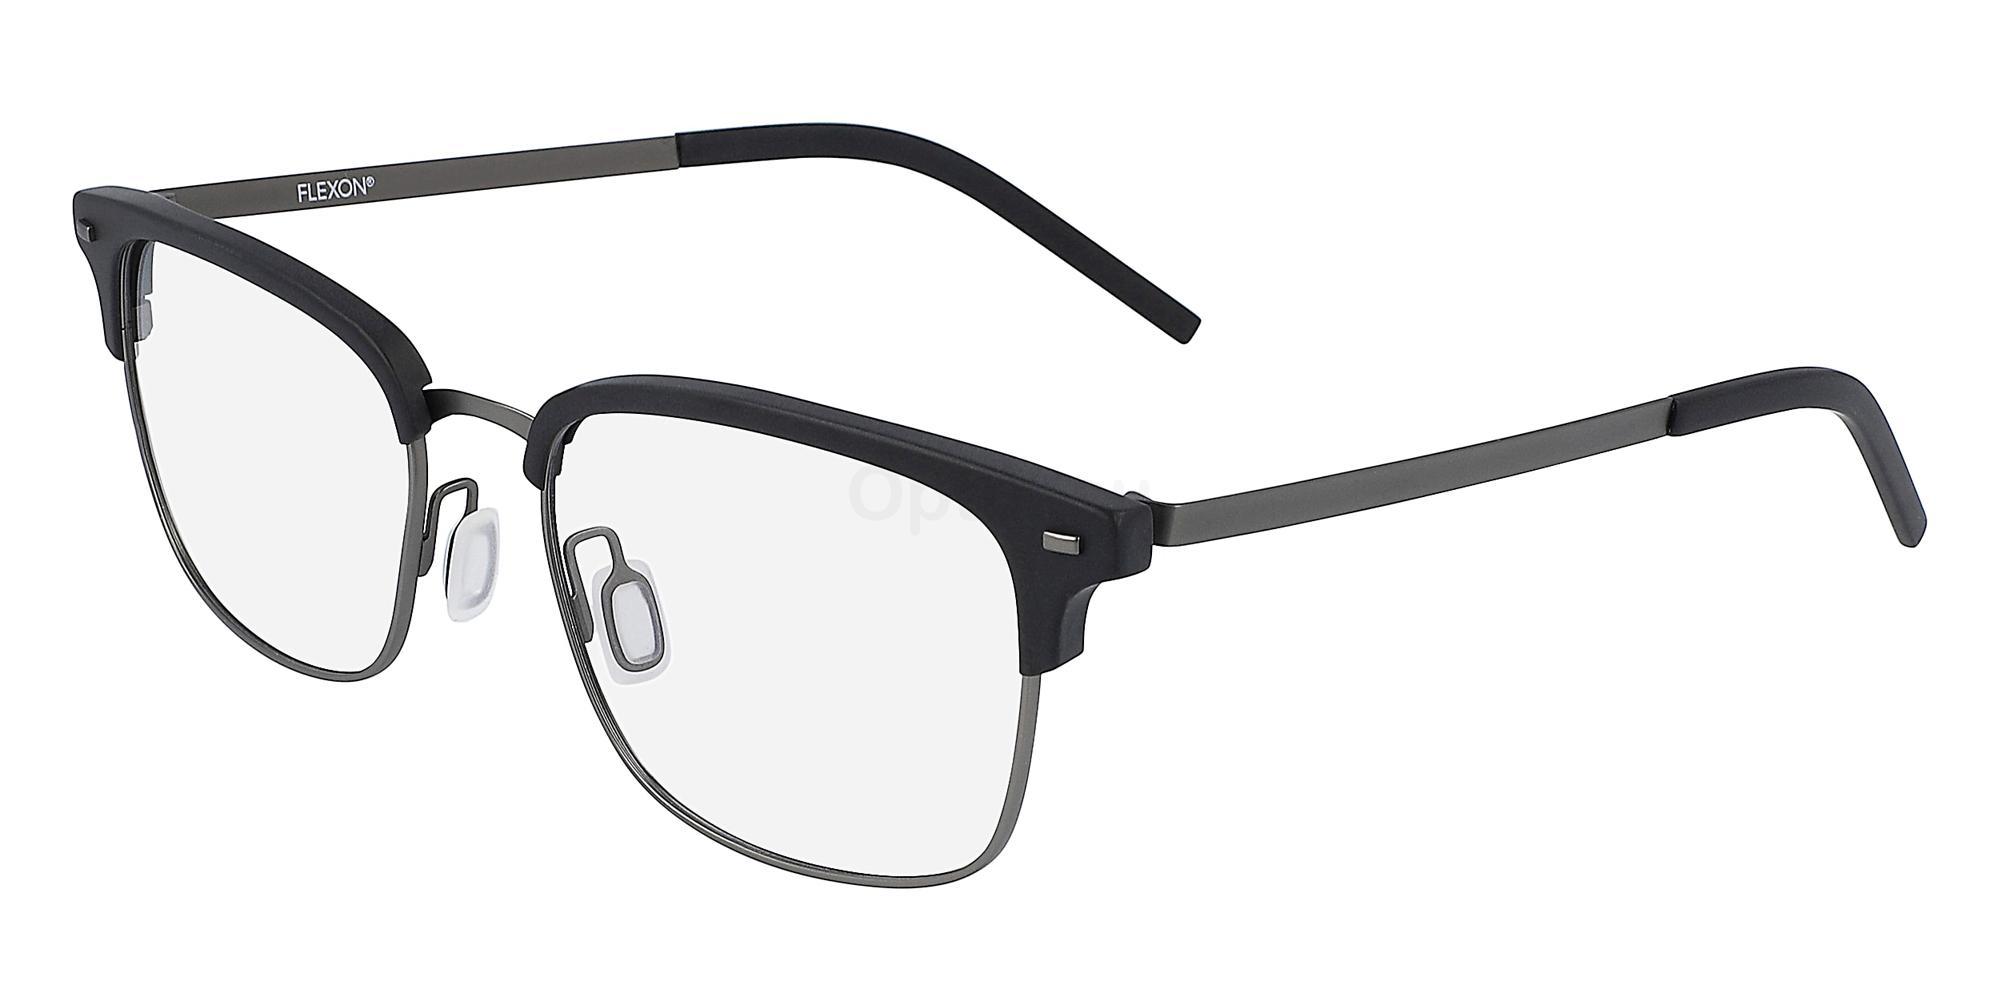 001 FLEXON B2022 Glasses, Flexon